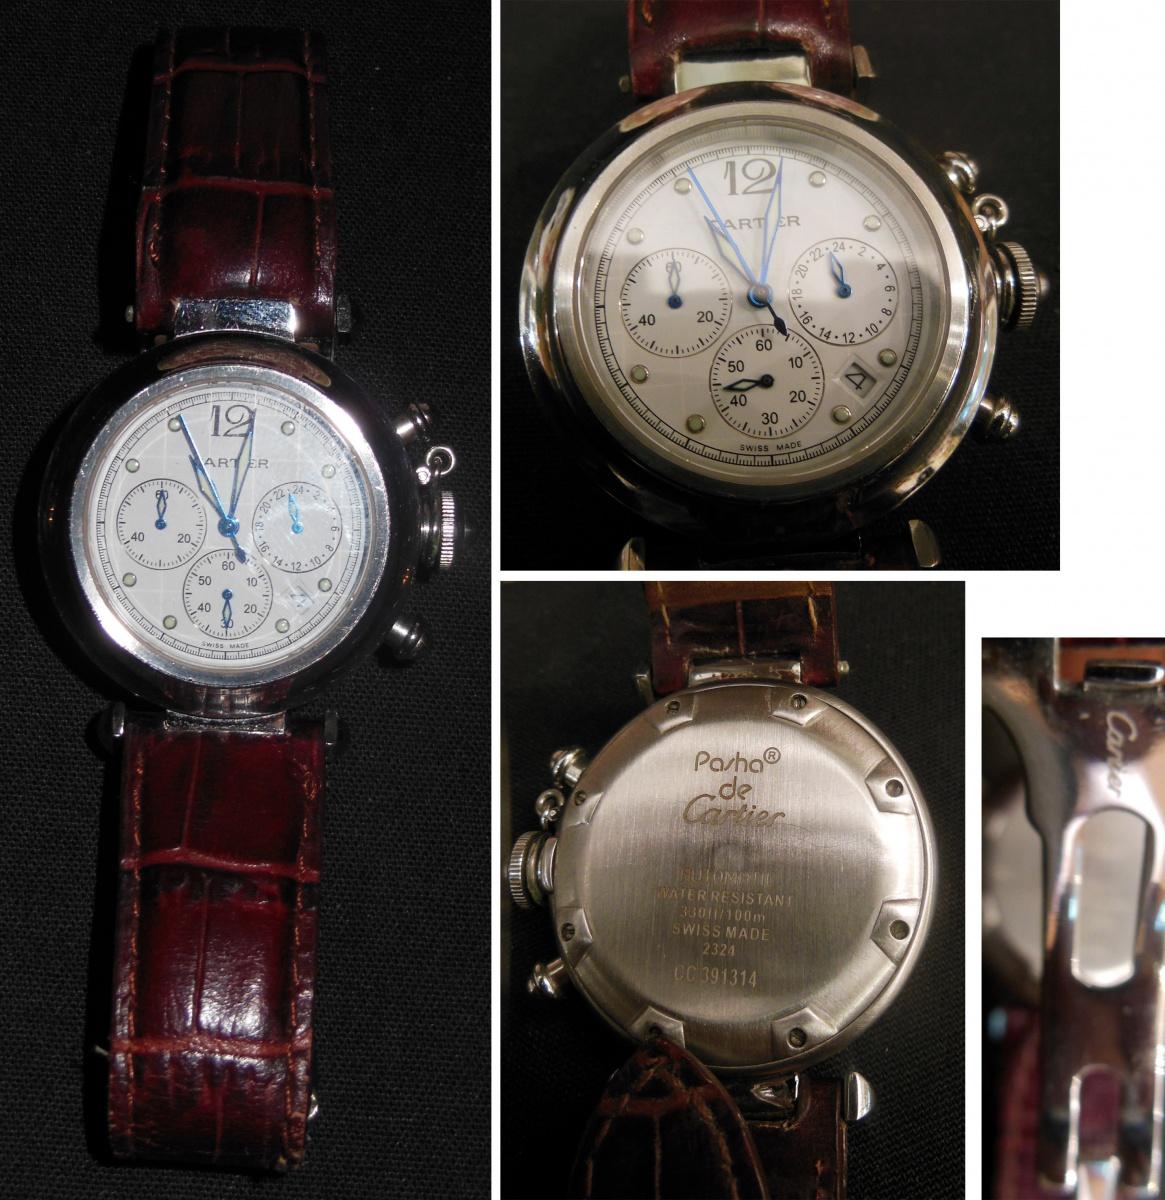 ae3d24962ca Réplica Relógio Cartier Pasha